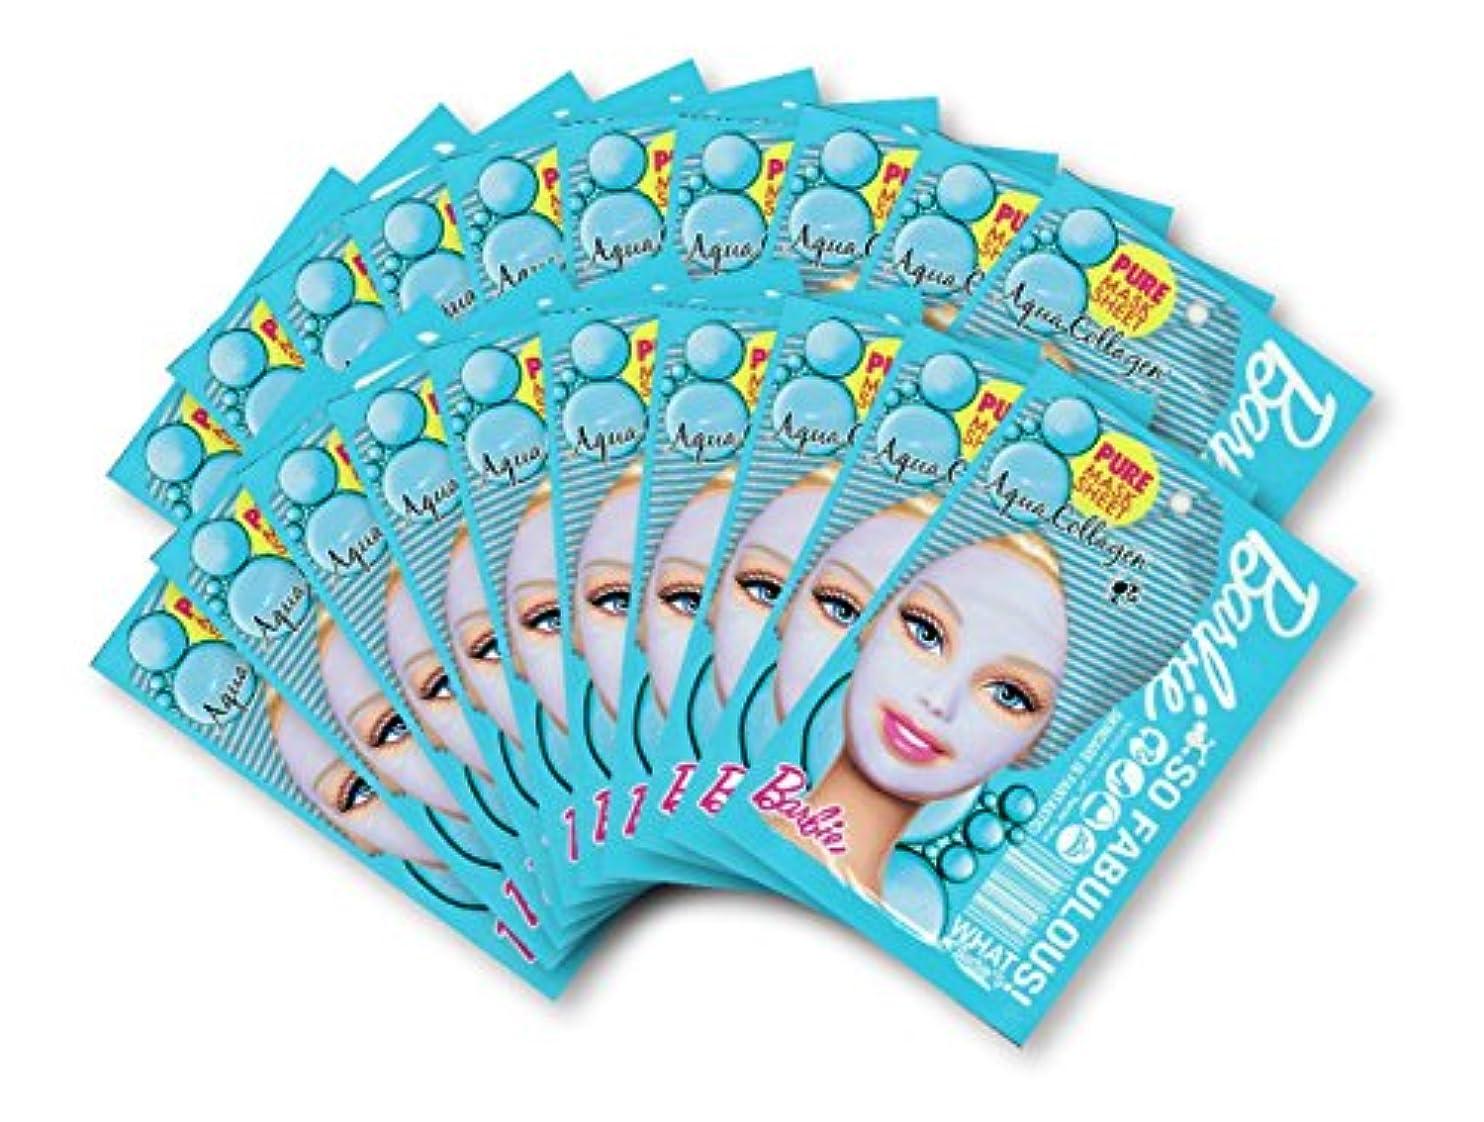 海嶺人形海嶺バービー (Barbie) フェイスマスク ピュアマスクシートN (コラーゲン) 25ml×20枚入り [弾力] 顔 シートマスク フェイスパック